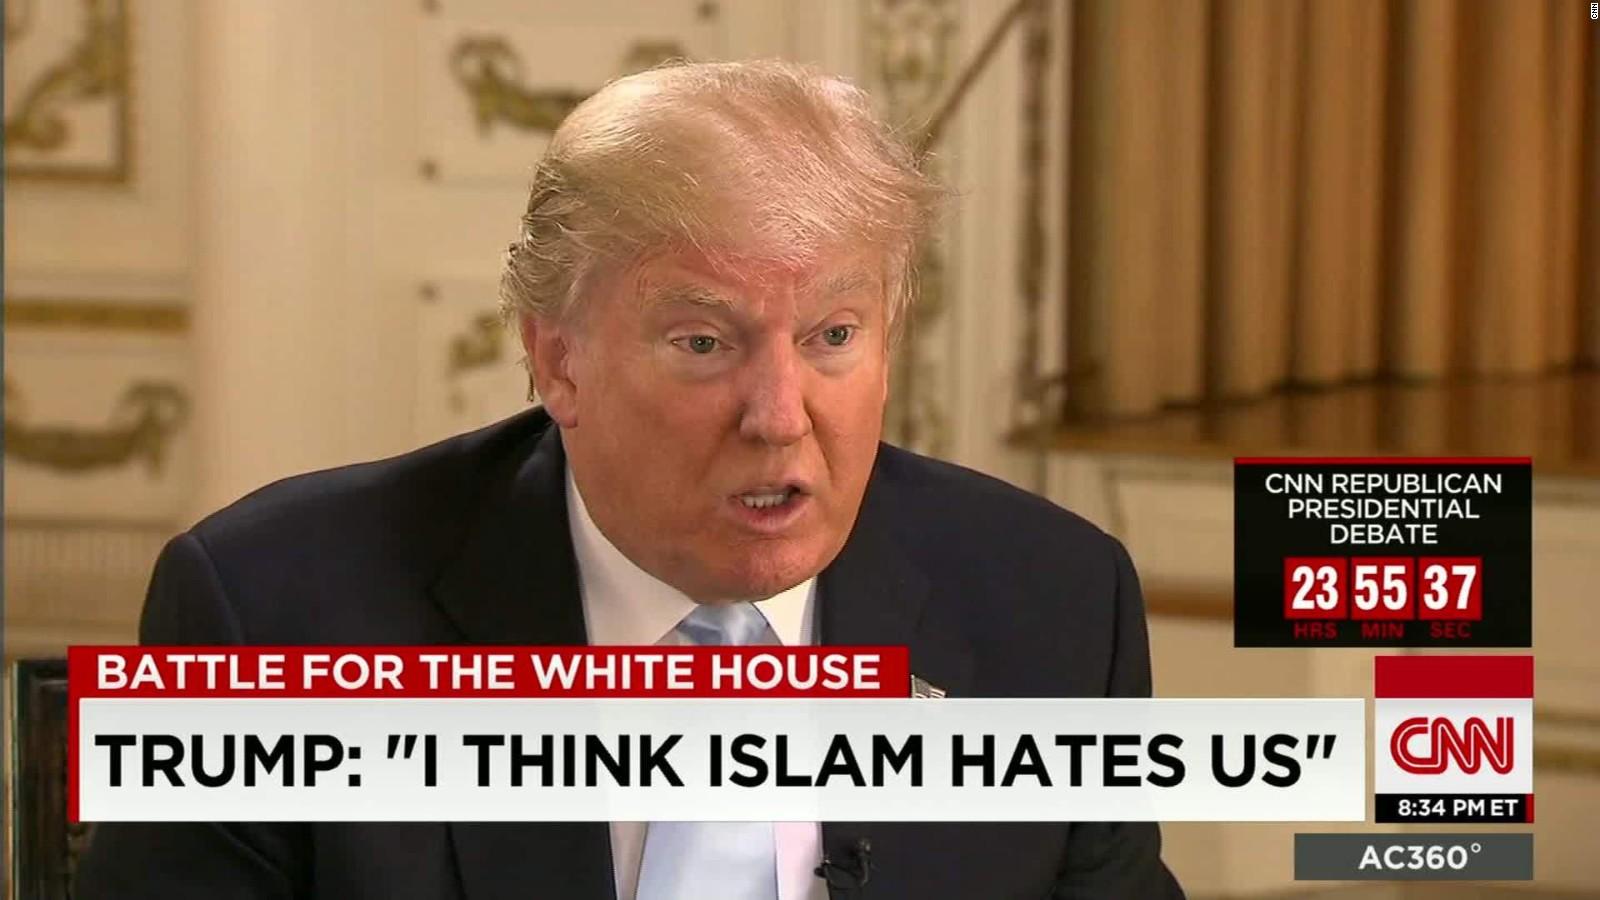 Новоизбранный президент США Дональд Трамп известен своими яркими высказываниями по поводу иммигрантов и конкретно мусульман. Фото: http://i2.cdn.cnn.com/